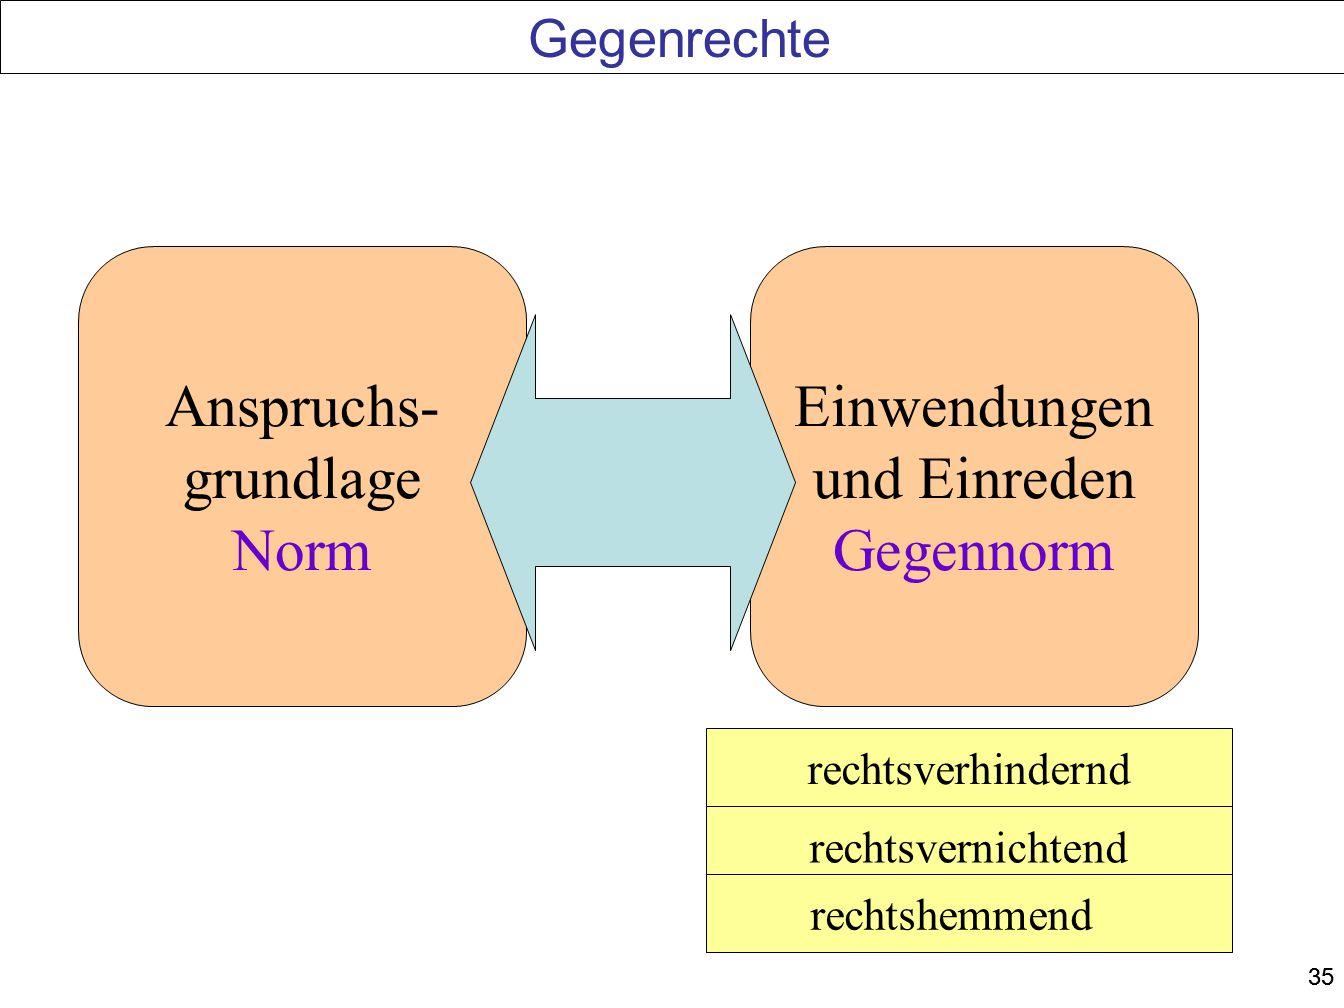 Anspruchs- grundlage Norm Einwendungen und Einreden Gegennorm